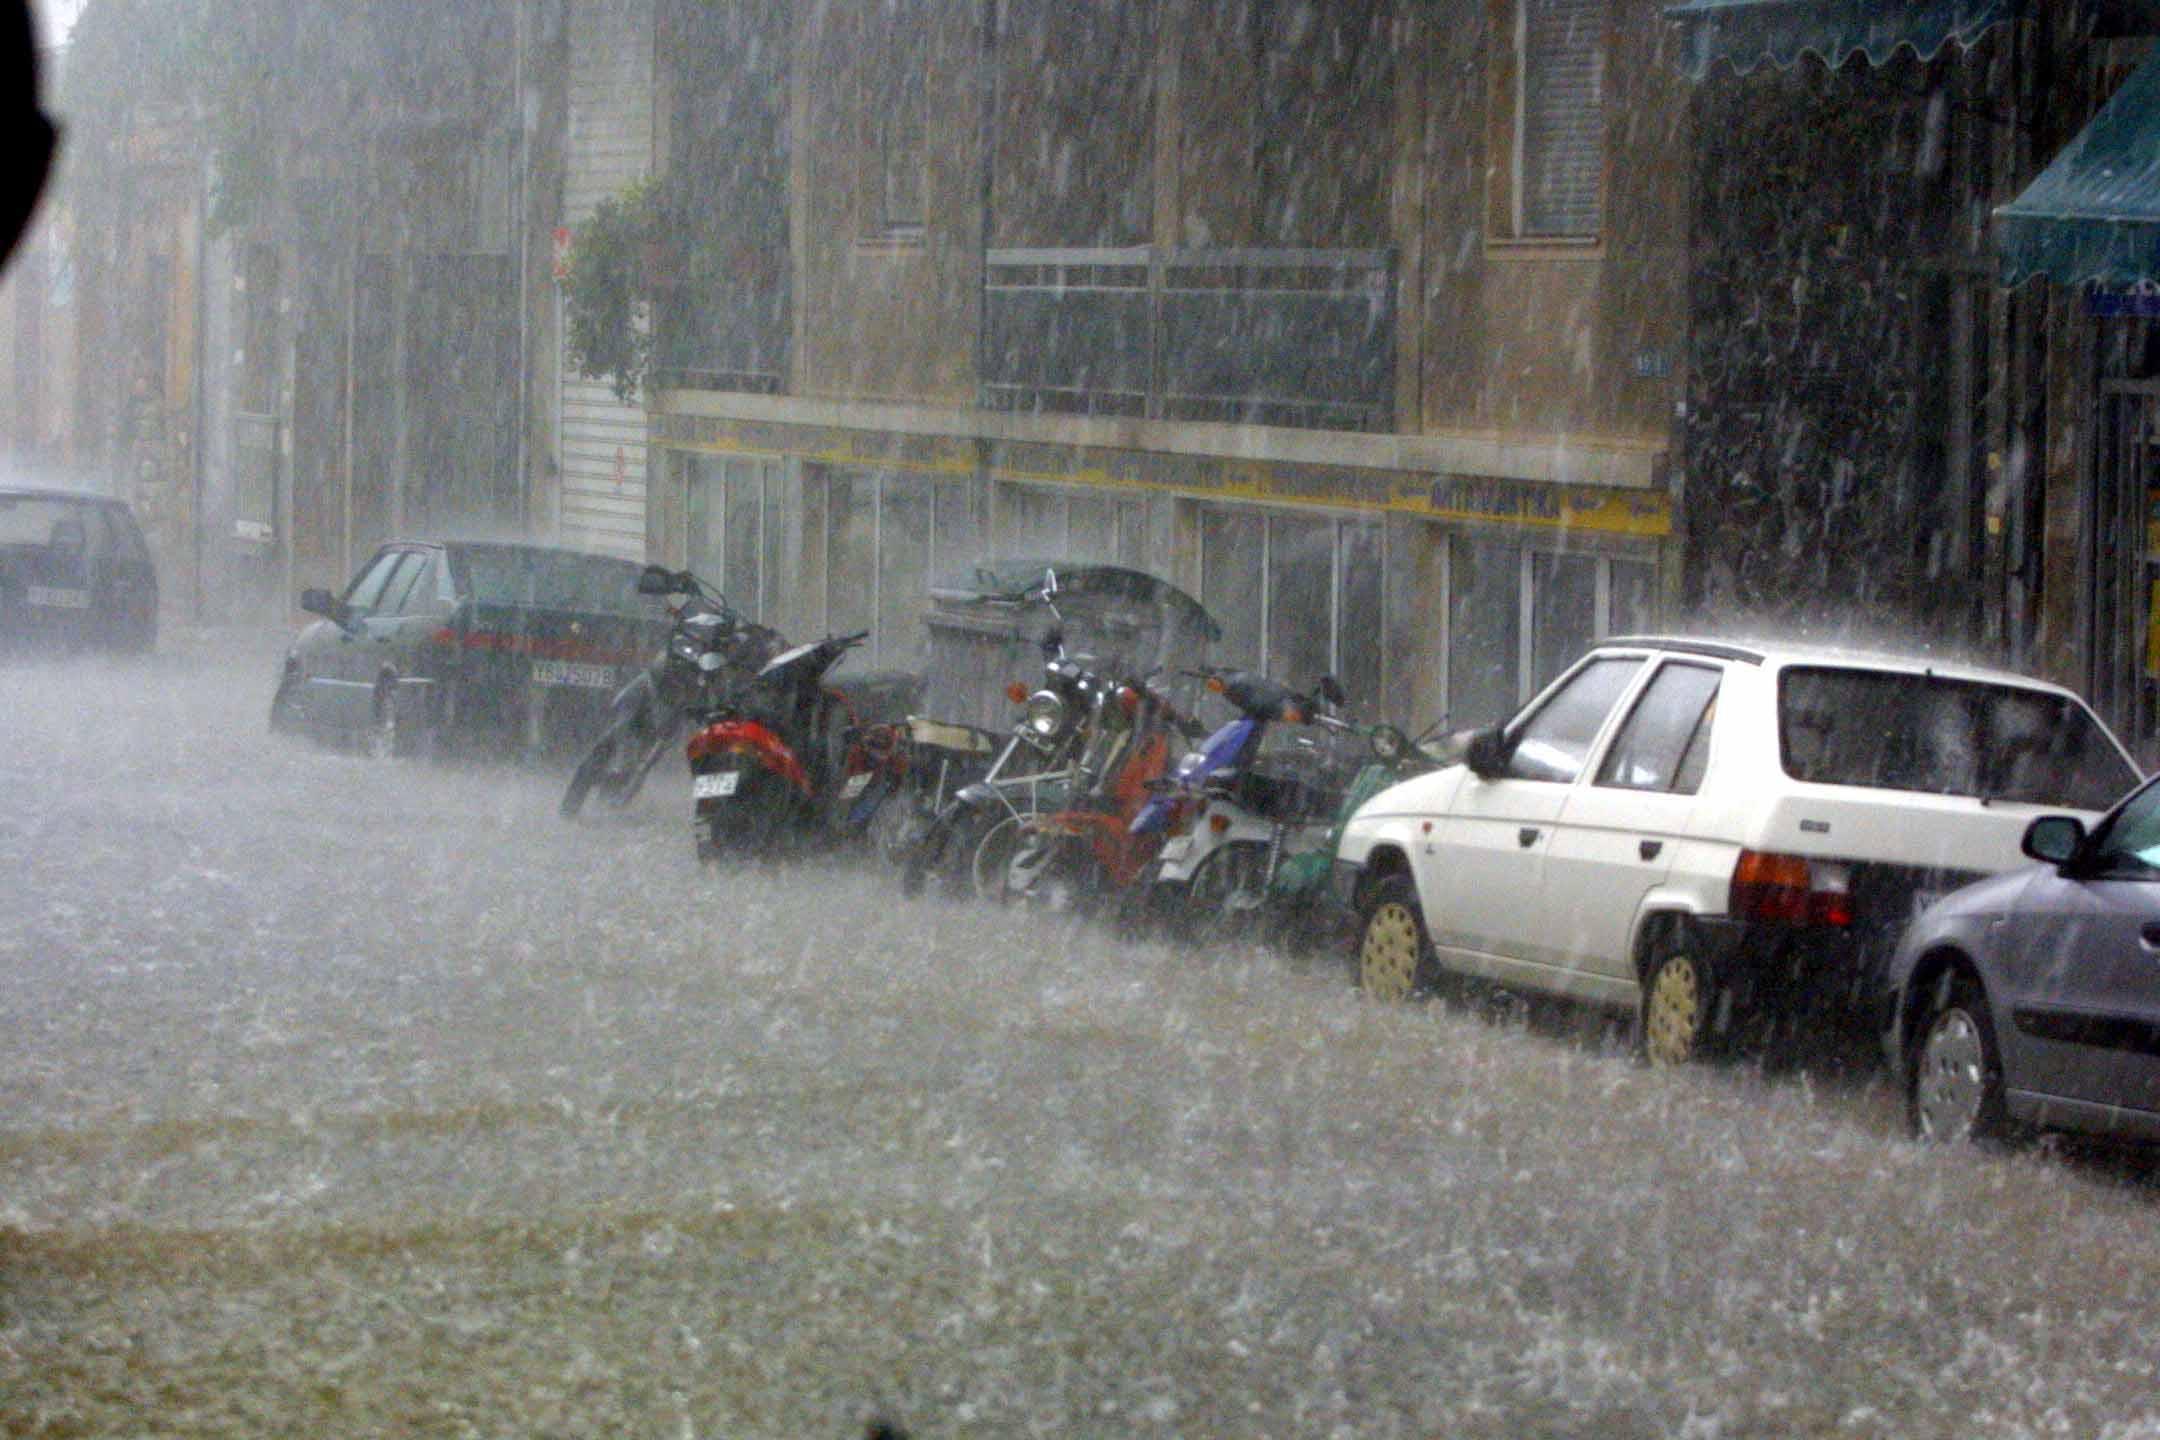 Πλημμύρες στην Εύβοια: Συγκλονιστικά βίντεο μετά τη νεροποντή